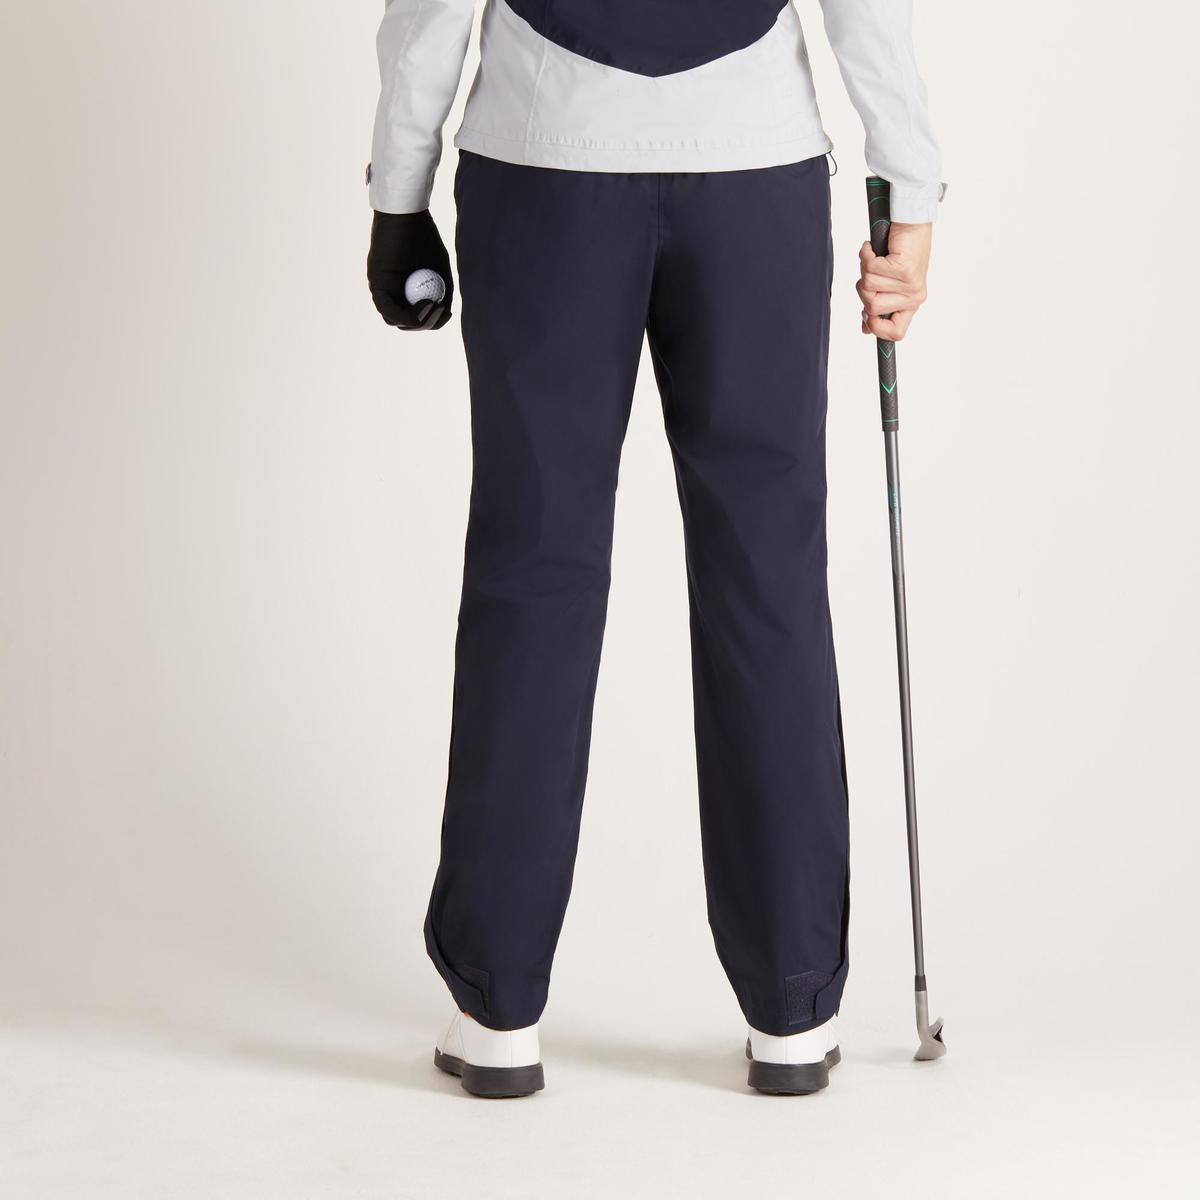 Bild 4 von Golf Regenhose 900 Damen marineblau wasserdicht